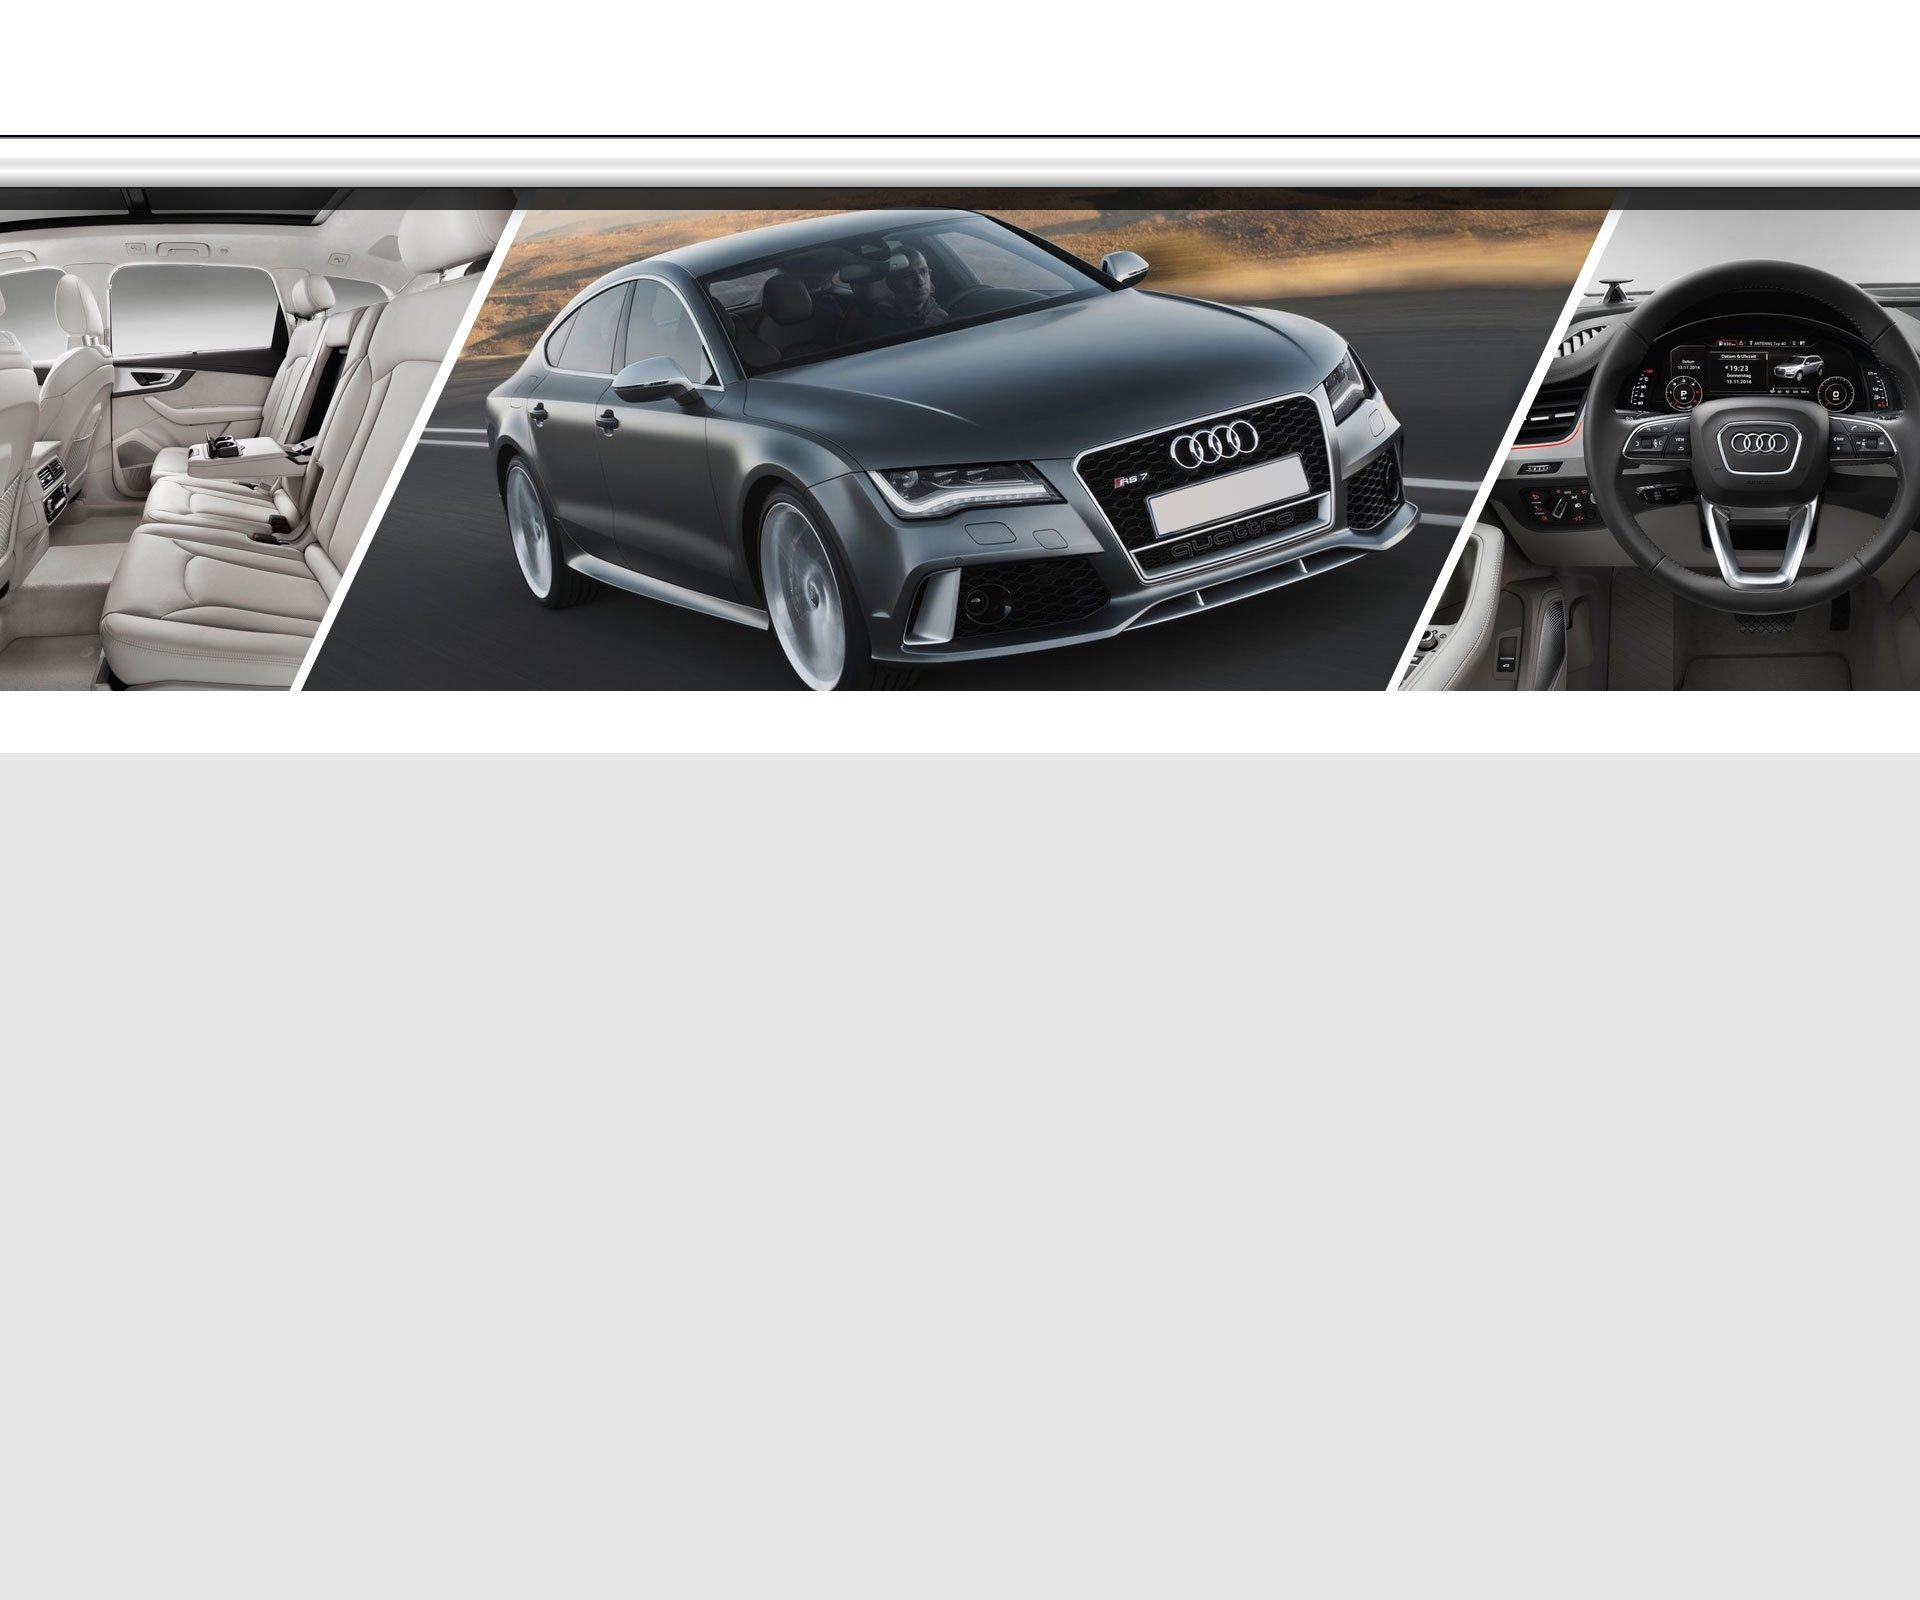 Volkswagen Dealers In Ga: Classy And Luxury Motors